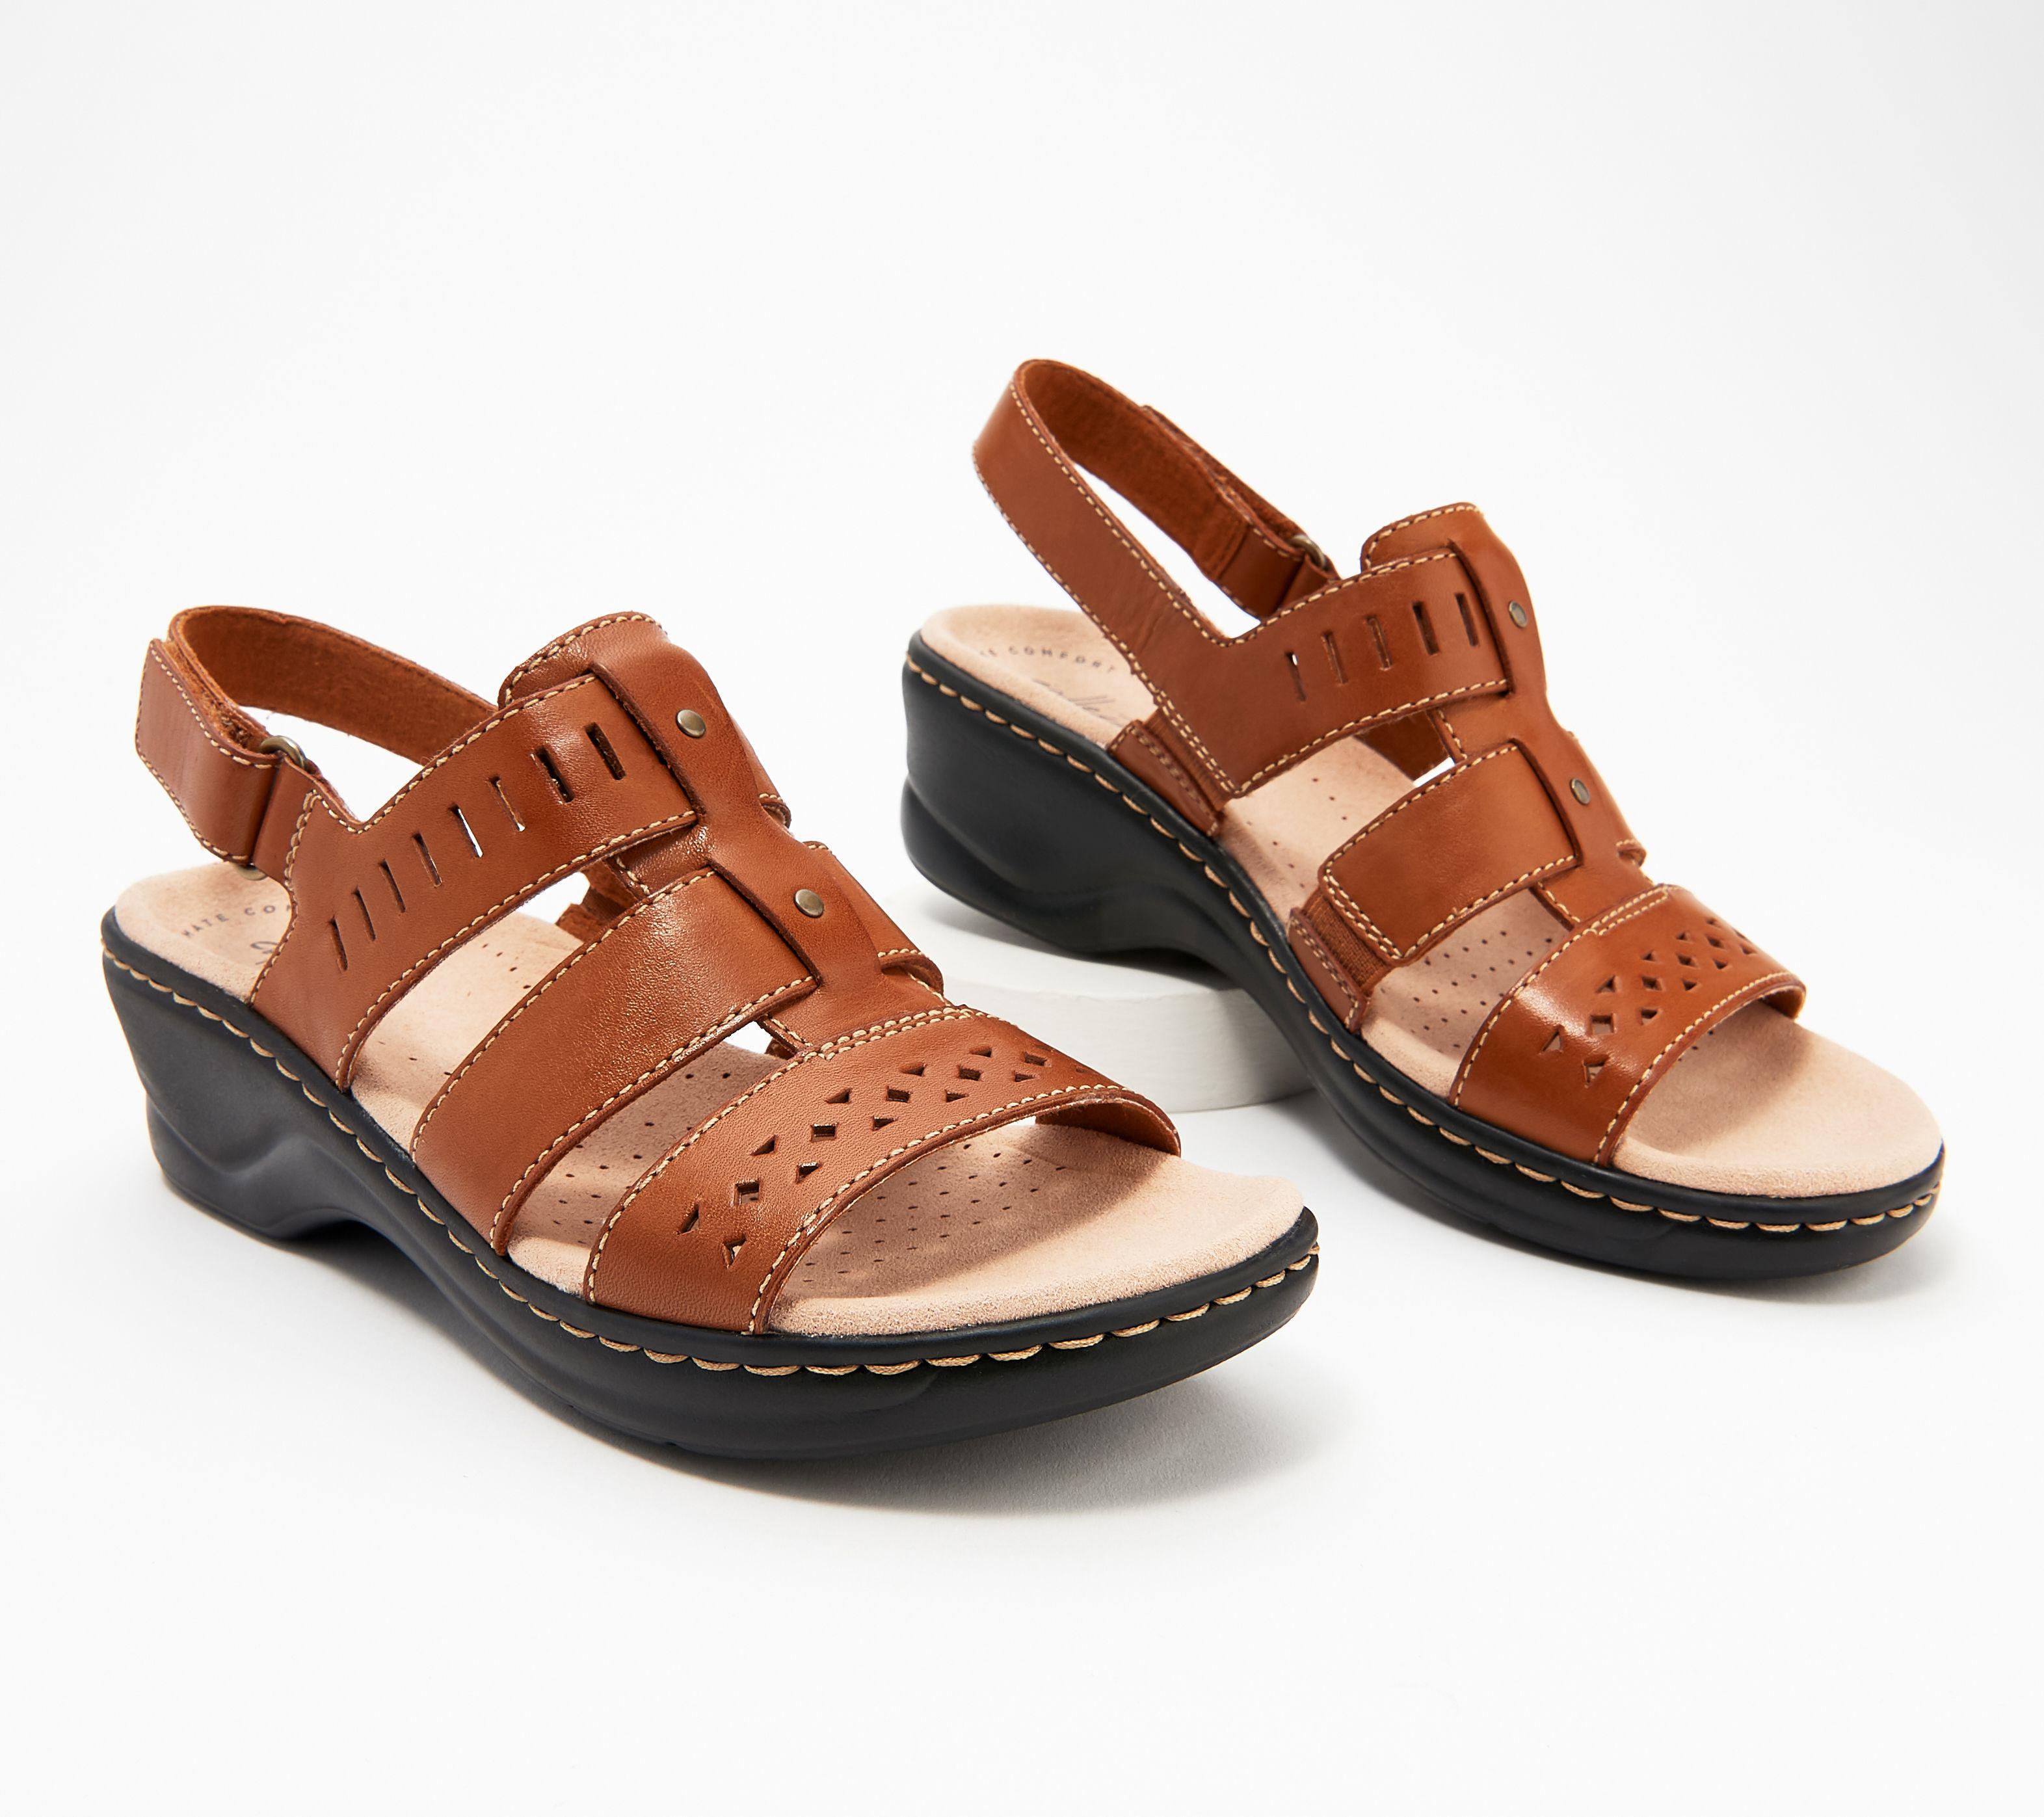 e323d20c8a2 Clarks Collection Leather Cut-Out Sandals - Lexi Qwin — QVC.com